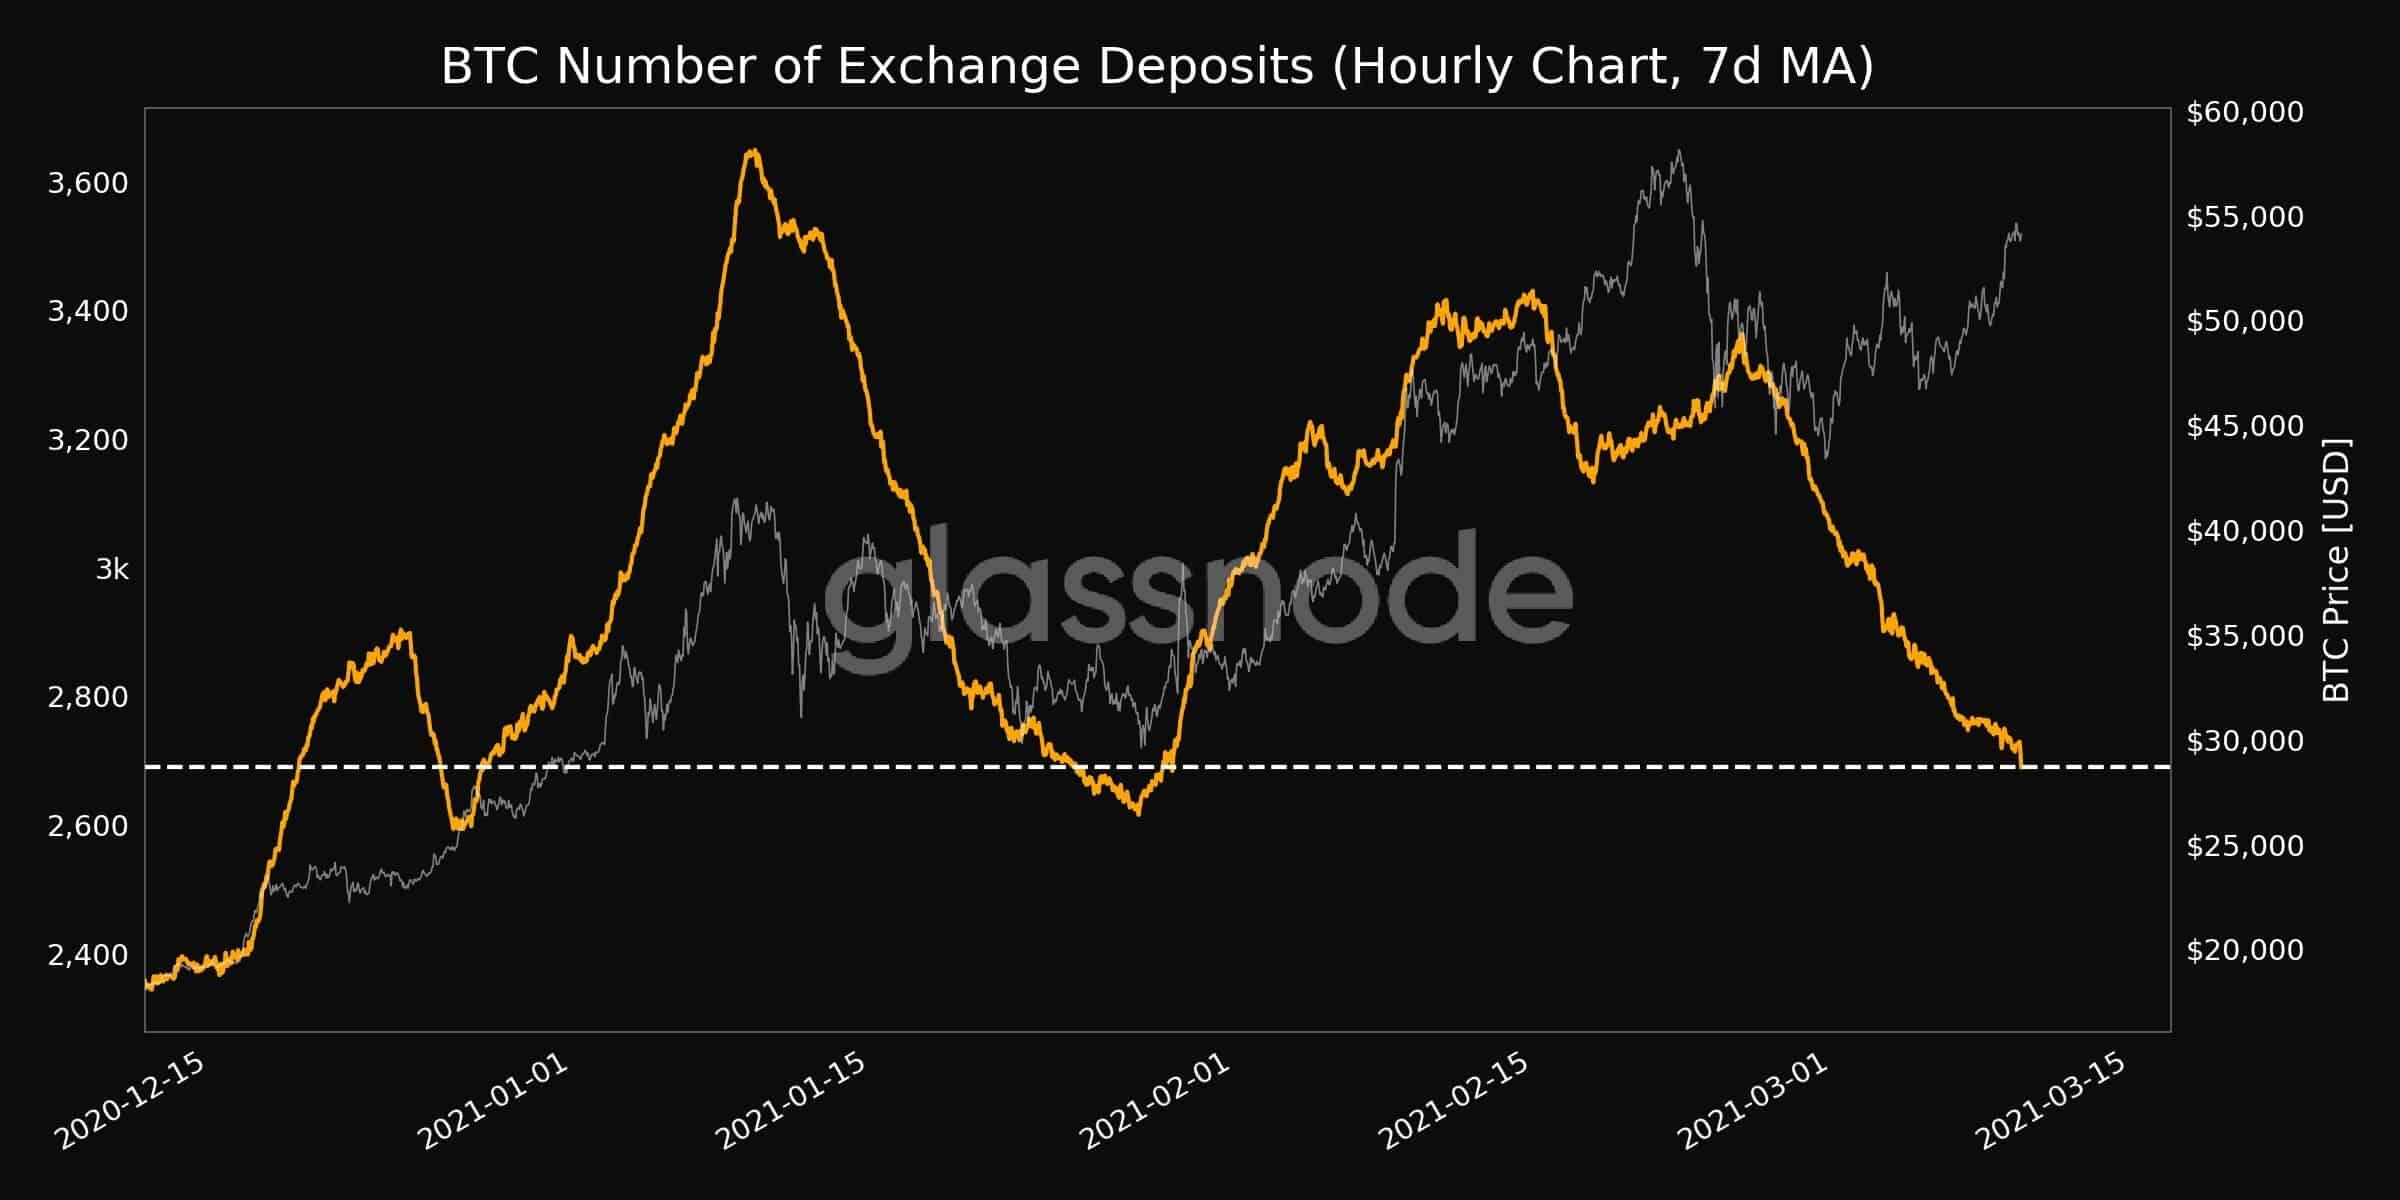 Bitcoin Počet směnárenských vkladů. Zdroj: Glassnode